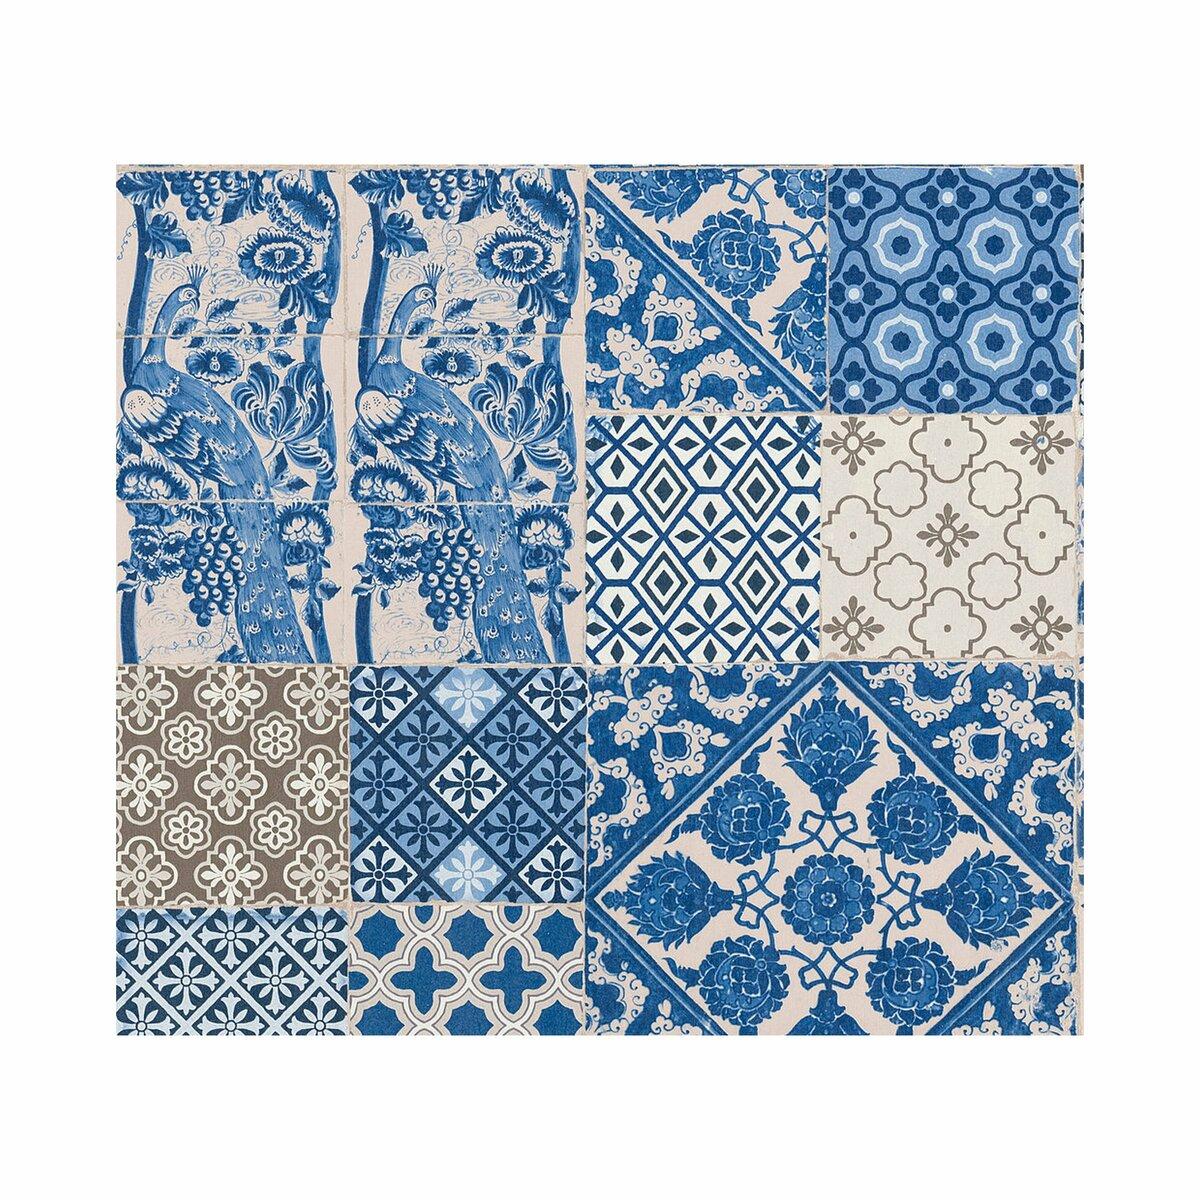 Bild 1 von AS_Creation -             A.S. Création Vliestapete Metropolitan Stories 'Anke & Daan' Amsterdam, Delfter Fliese blau-beige 10,05 x 0,53 m